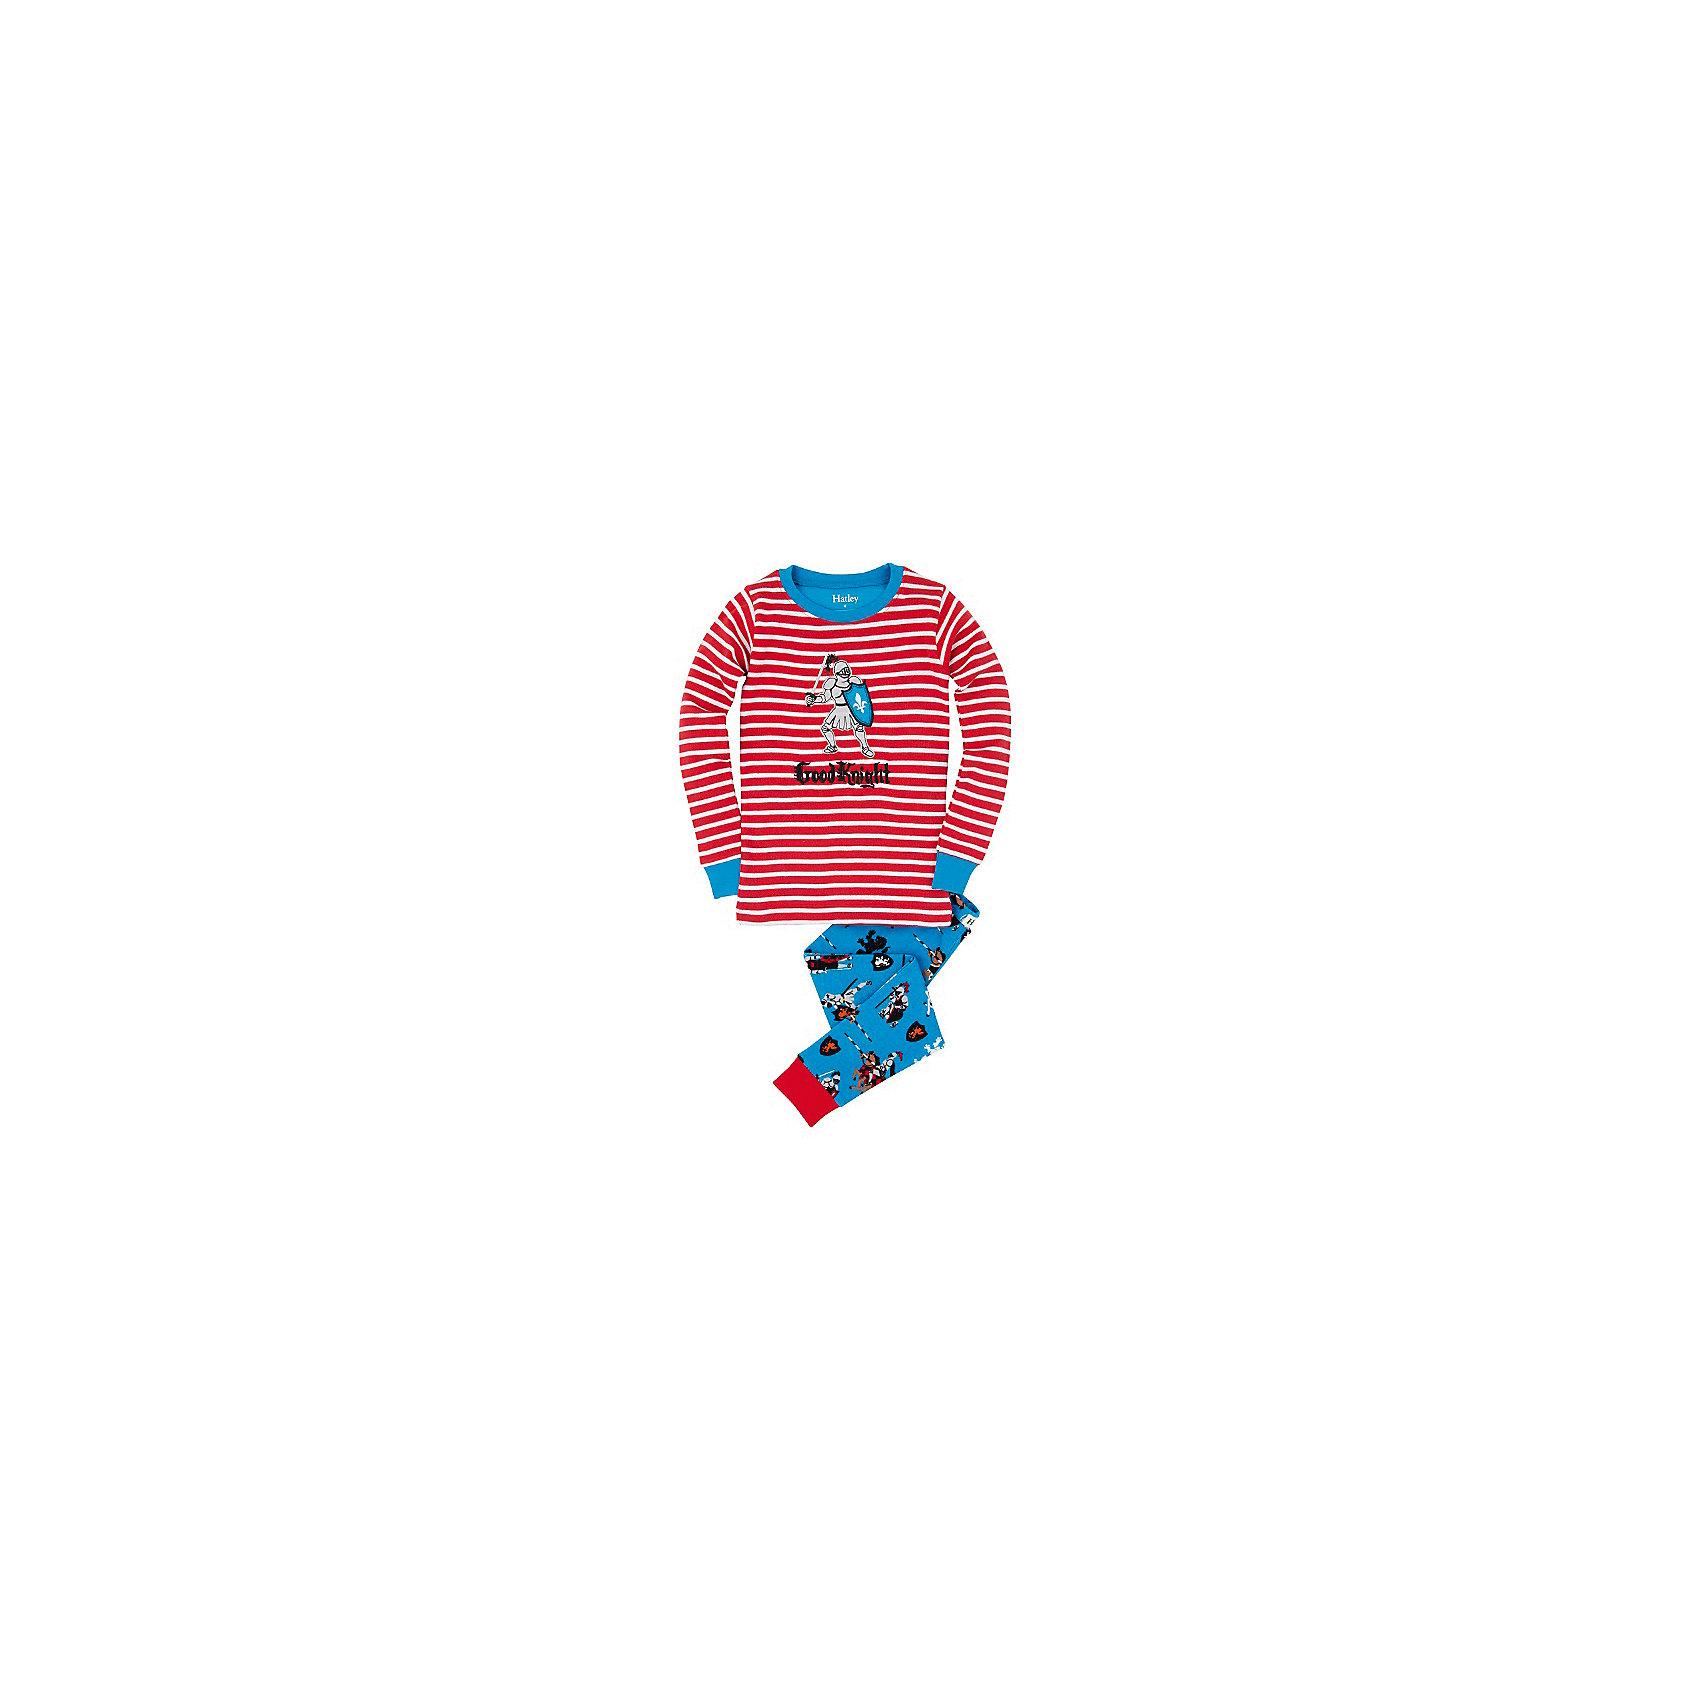 Пижама для мальчика HatleyПижамы и сорочки<br>Пижама для мальчика Hatley<br><br>Характеристики:<br><br>• Цвет: голубой, красный<br>• Материал: 100% хлопок<br><br>Милая и яркая пижама для мальчика сделана из качественного материала, который не вызывает аллергию. Манжеты внизу на штанишках и на рукавах делают пижаму еще теплее, ведь они не позволяют пижамке «задраться» во время сна. Рыцарь, изображенный на пижаме, не сможет оставить равнодушным ни одного мальчишку.<br><br>Пижама для мальчика Hatley можно купить в нашем интернет-магазине.<br><br>Ширина мм: 281<br>Глубина мм: 70<br>Высота мм: 188<br>Вес г: 295<br>Цвет: синий/красный<br>Возраст от месяцев: 36<br>Возраст до месяцев: 48<br>Пол: Мужской<br>Возраст: Детский<br>Размер: 104,92,122,128,110,98,116<br>SKU: 5020812